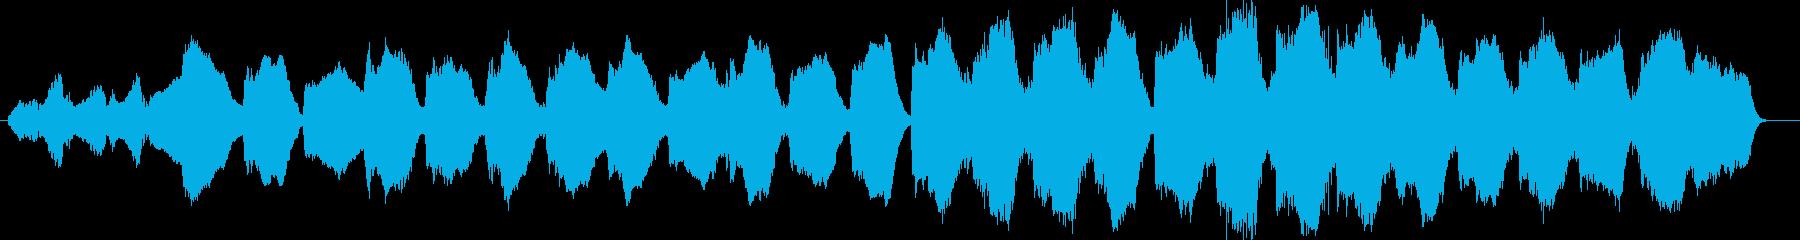 寂しげな管楽器やシンセなどのサウンドの再生済みの波形